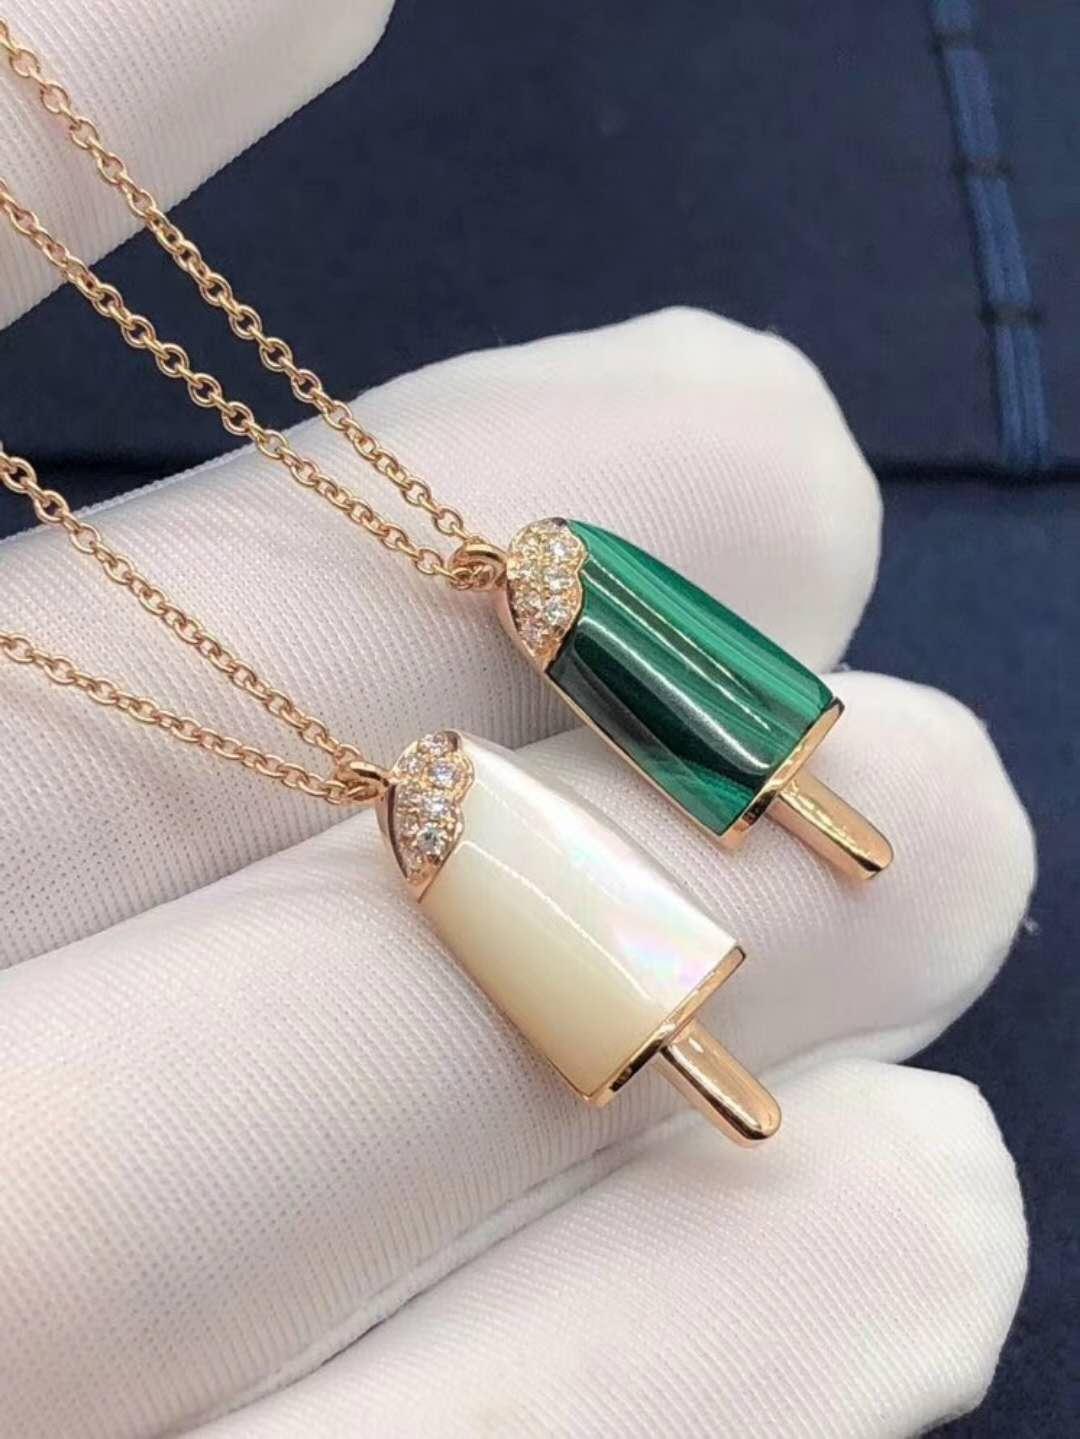 Inspired Bvlgari Bvlgari Gelati 18K Gold Ice Cream Necklace Set with Gems and Pave Diamonds